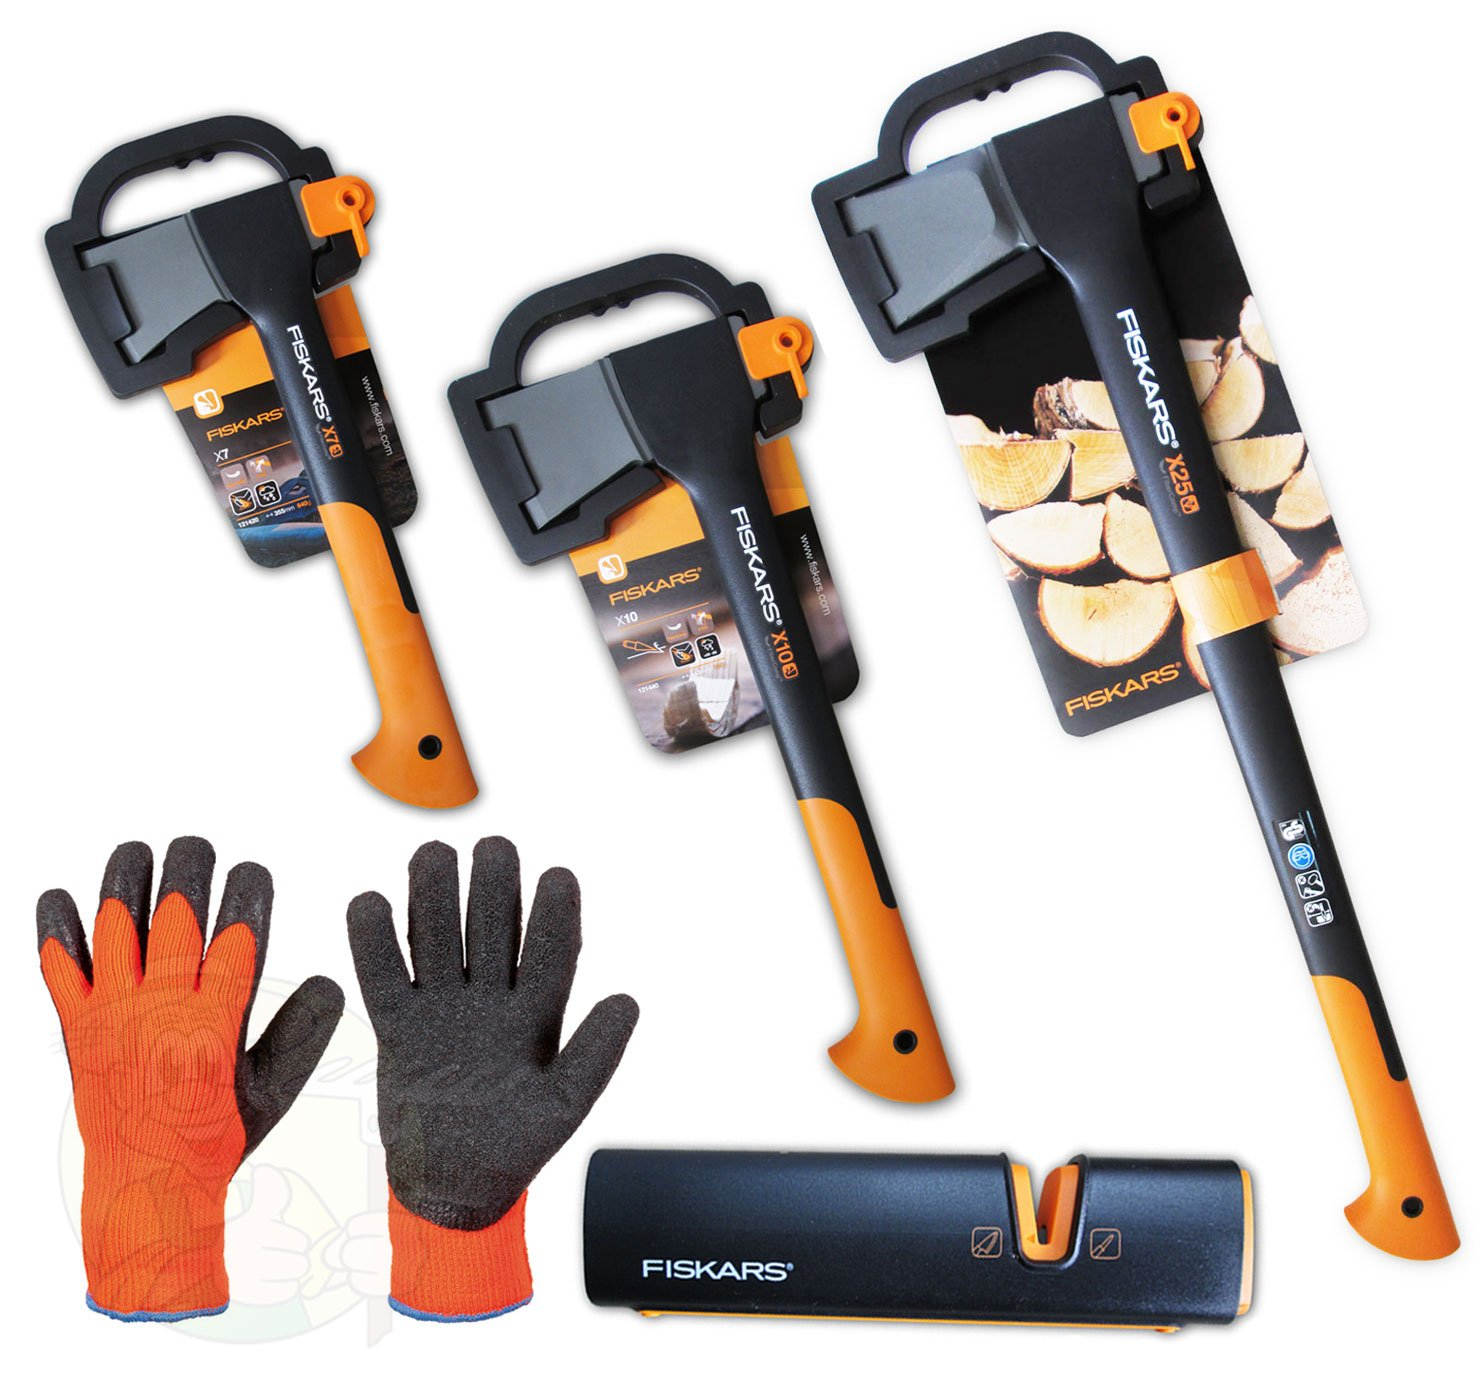 Fiskars Spaltaxt X25 + X10 + X7 + Xsharp Axt und Messerschärfer + Handschuhe  GartenKritiken und weitere Infos